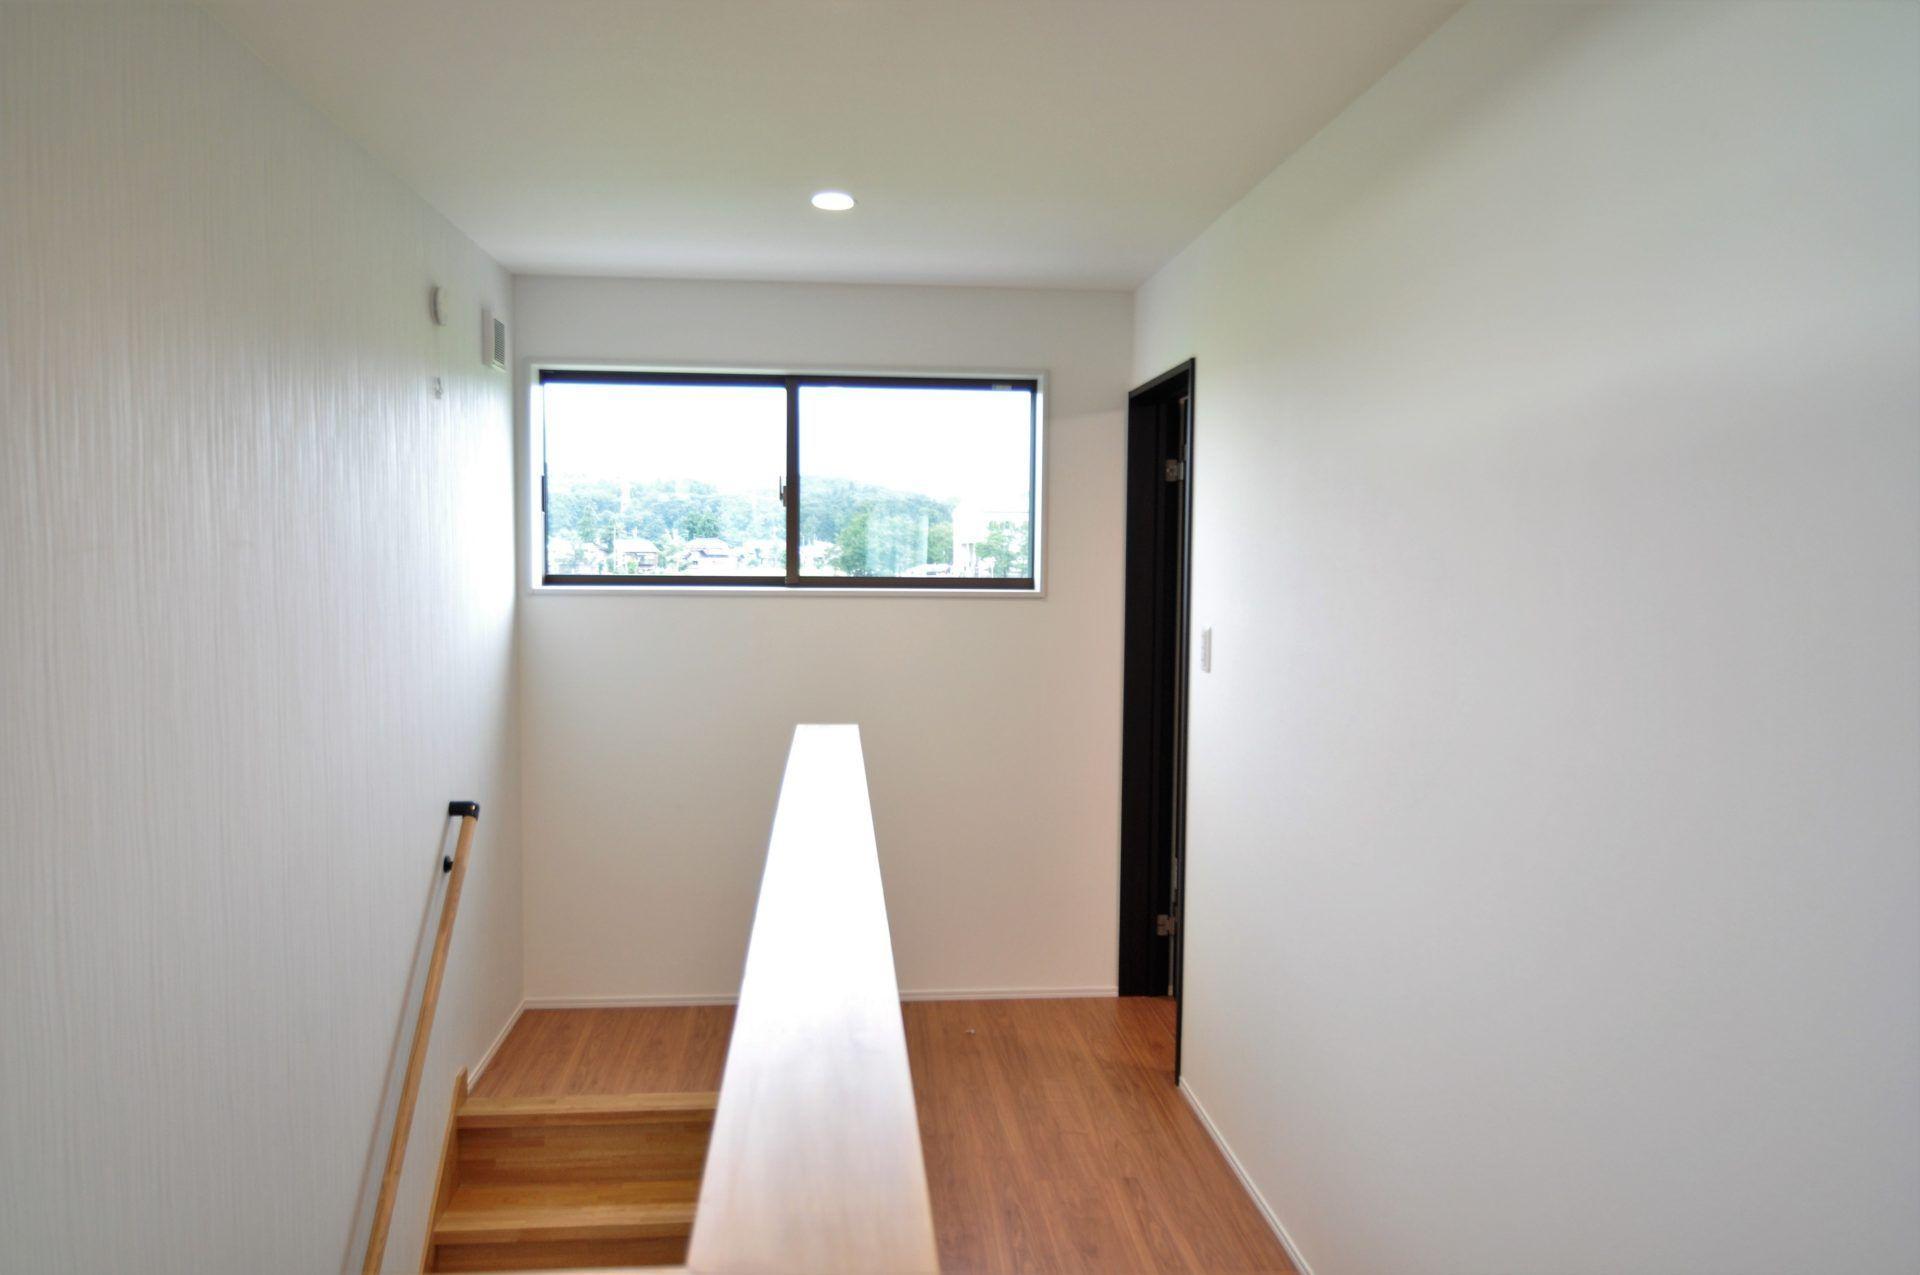 有限会社 市川建築店 1級建築士事務所「三条市 O様邸」のシンプル・ナチュラルな階段の実例写真